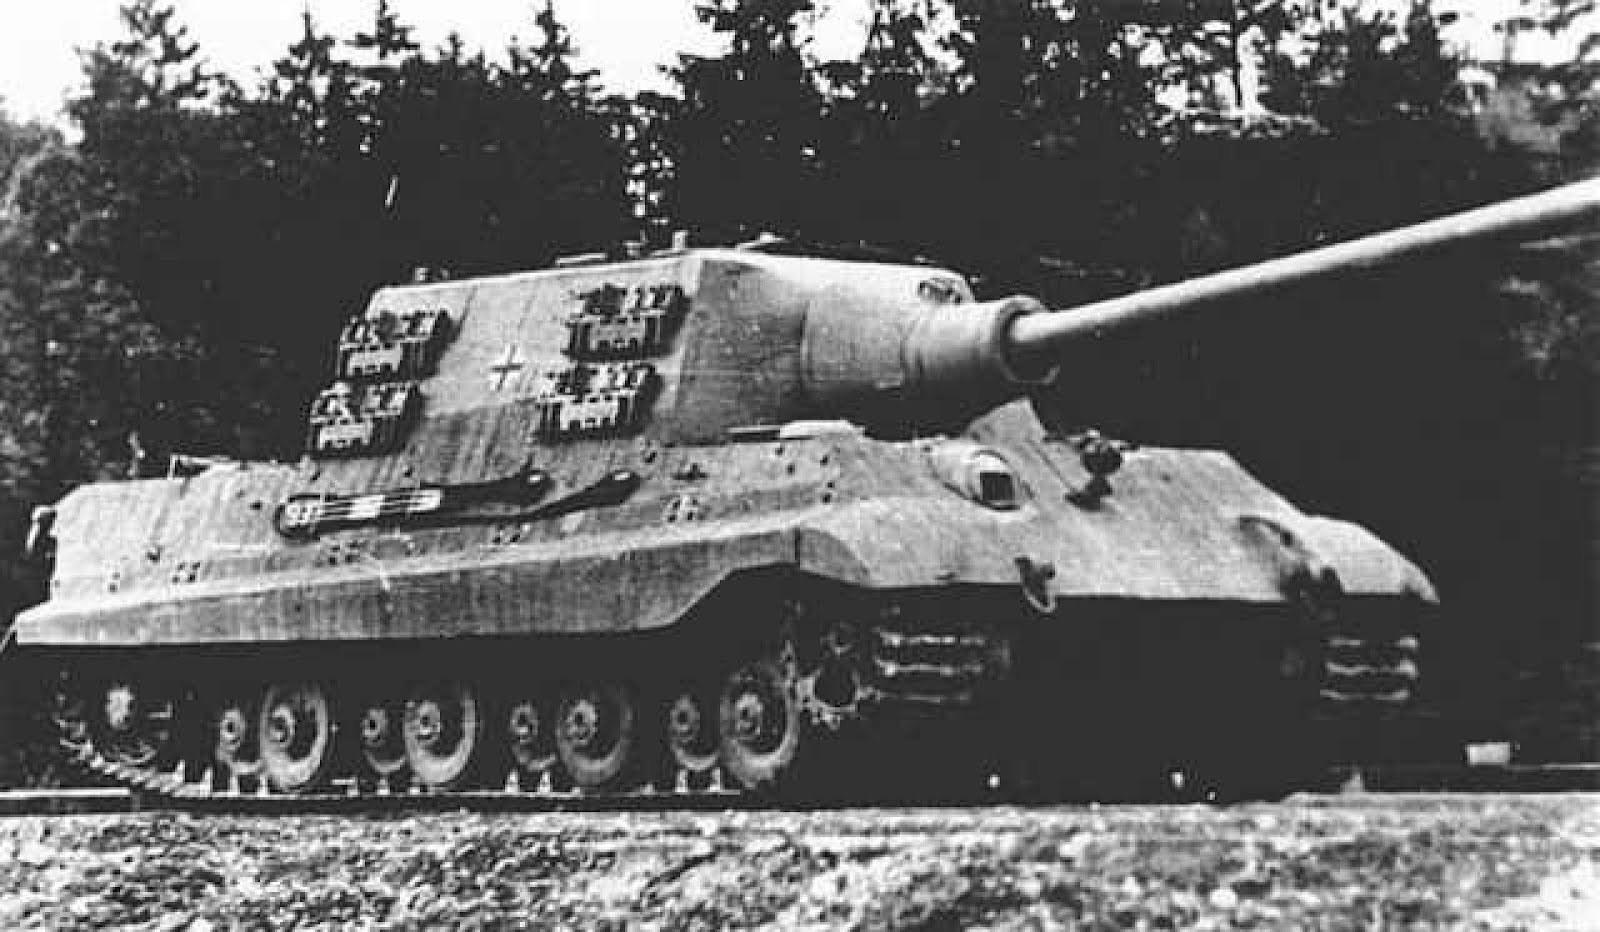 Panzerjäger Tiger Ausf. B(P)